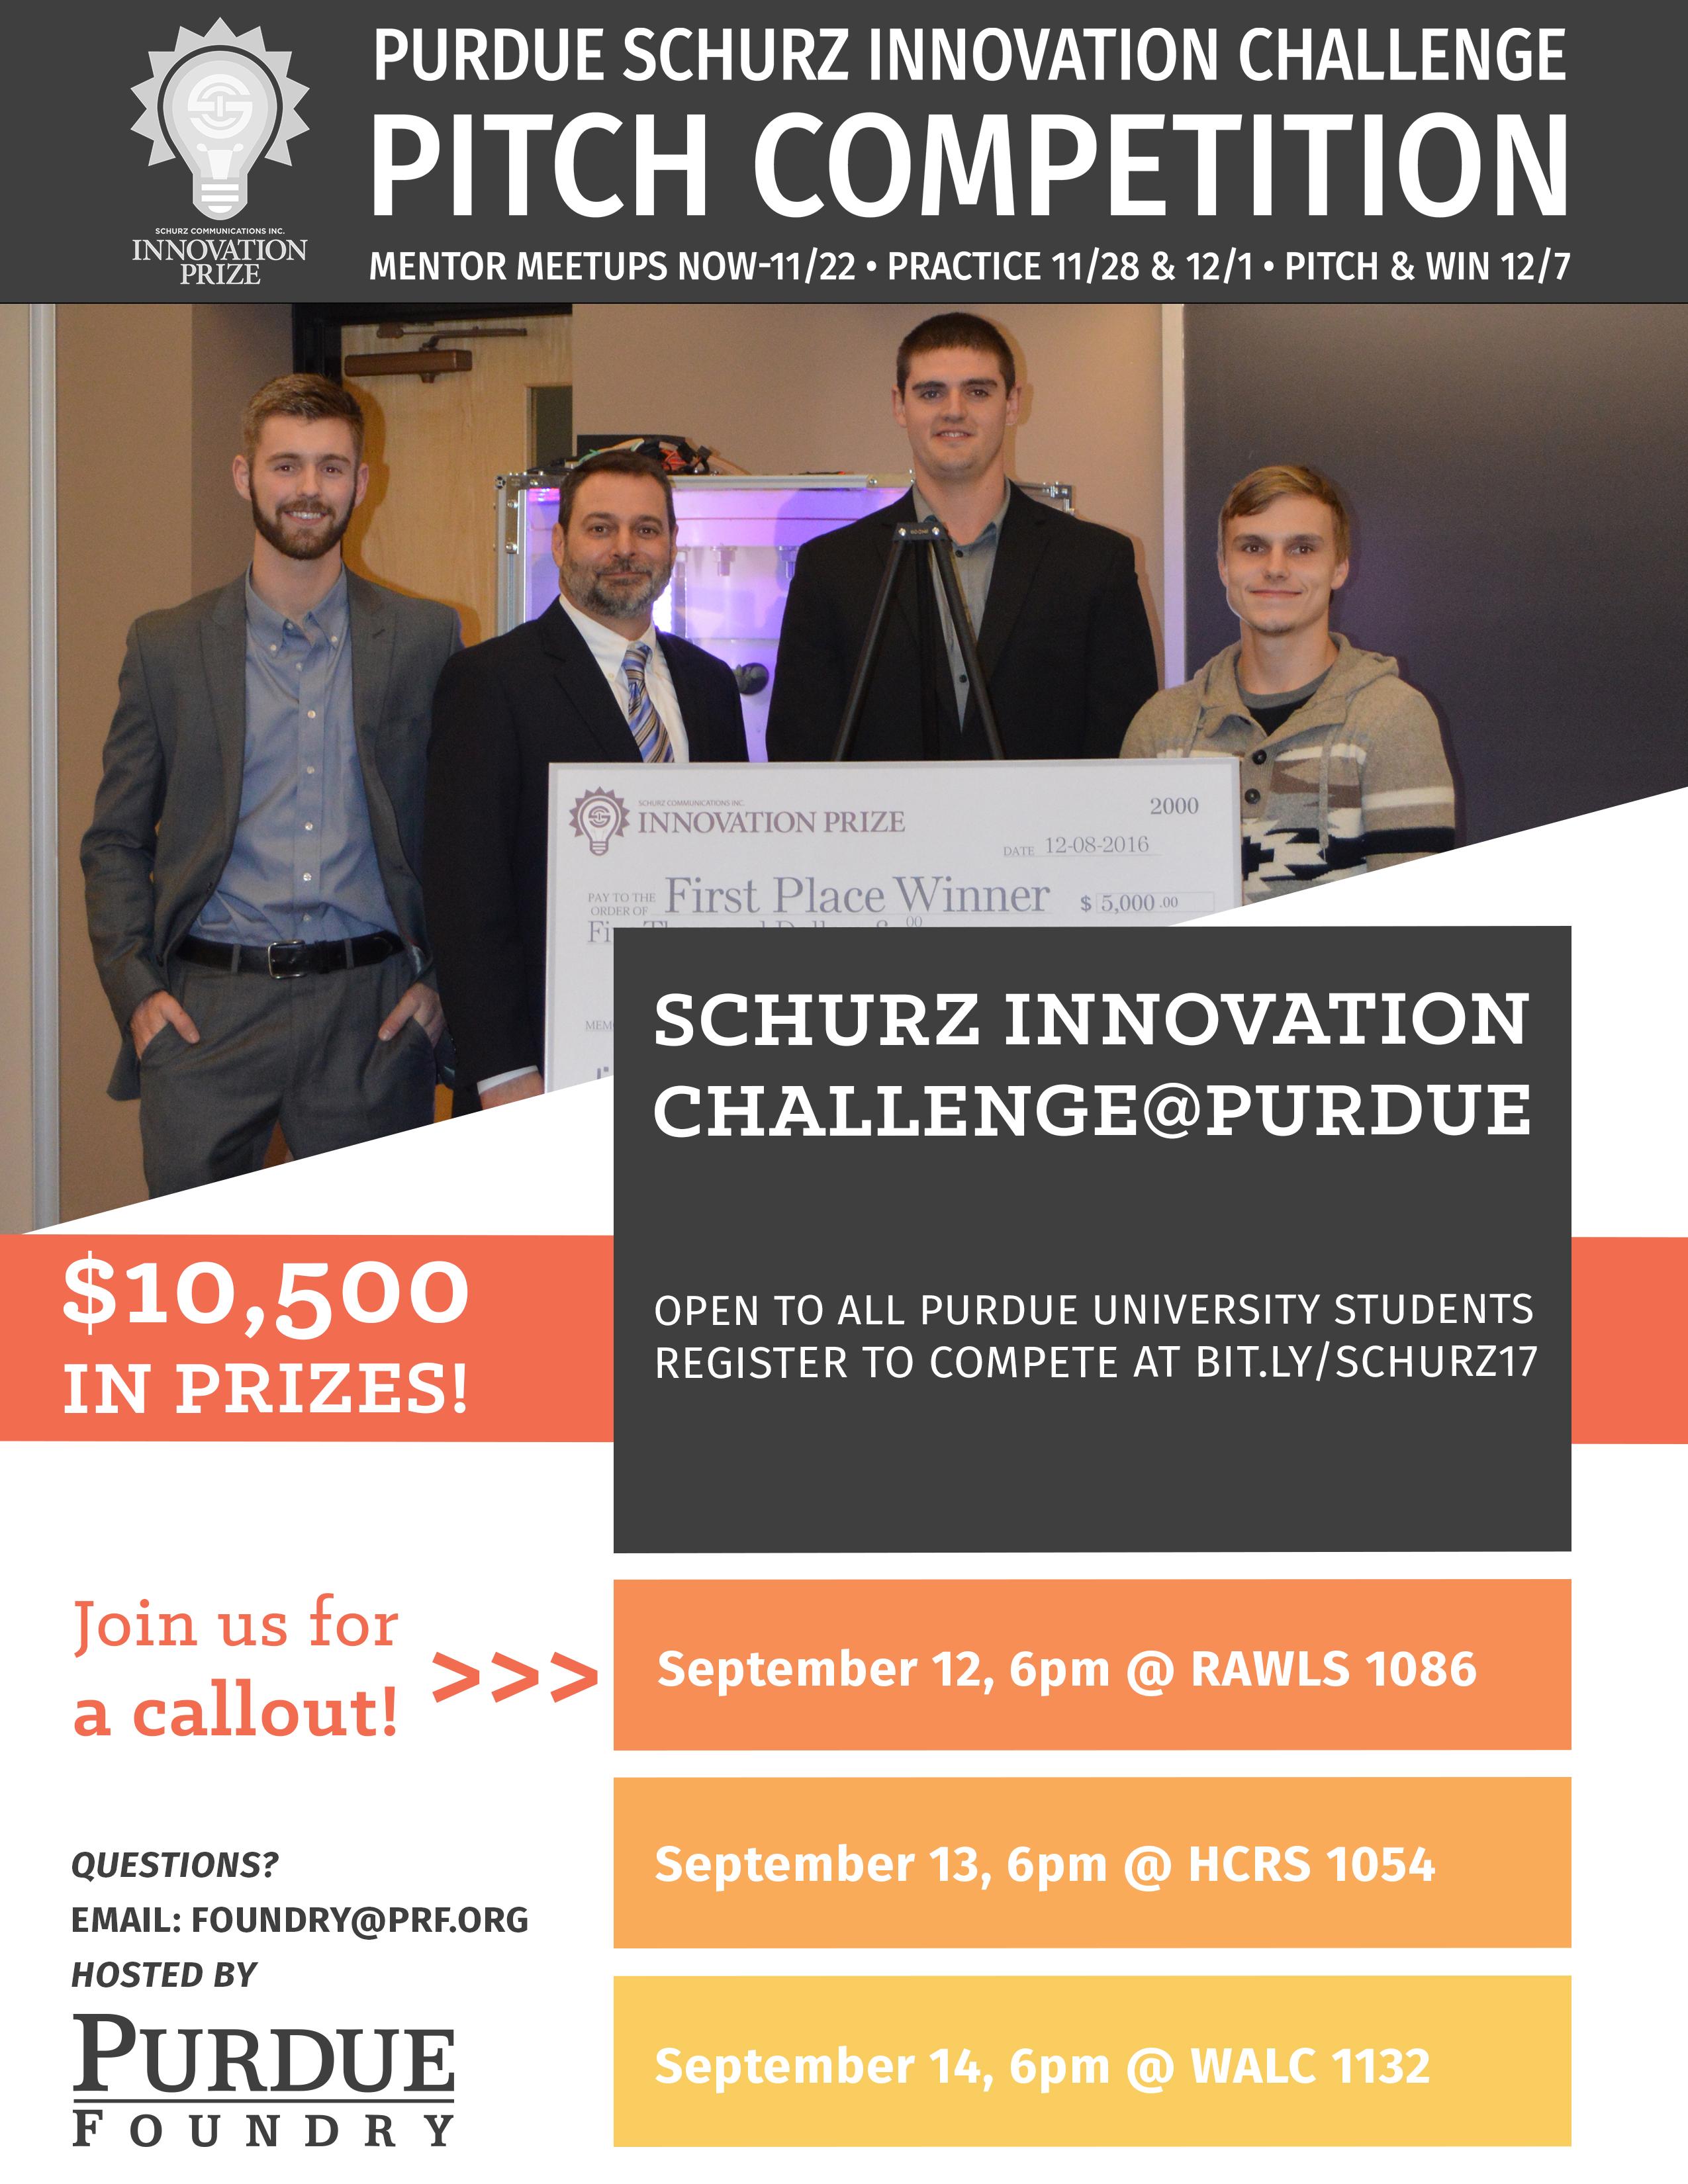 Purdue Shurz Innovation Challenge